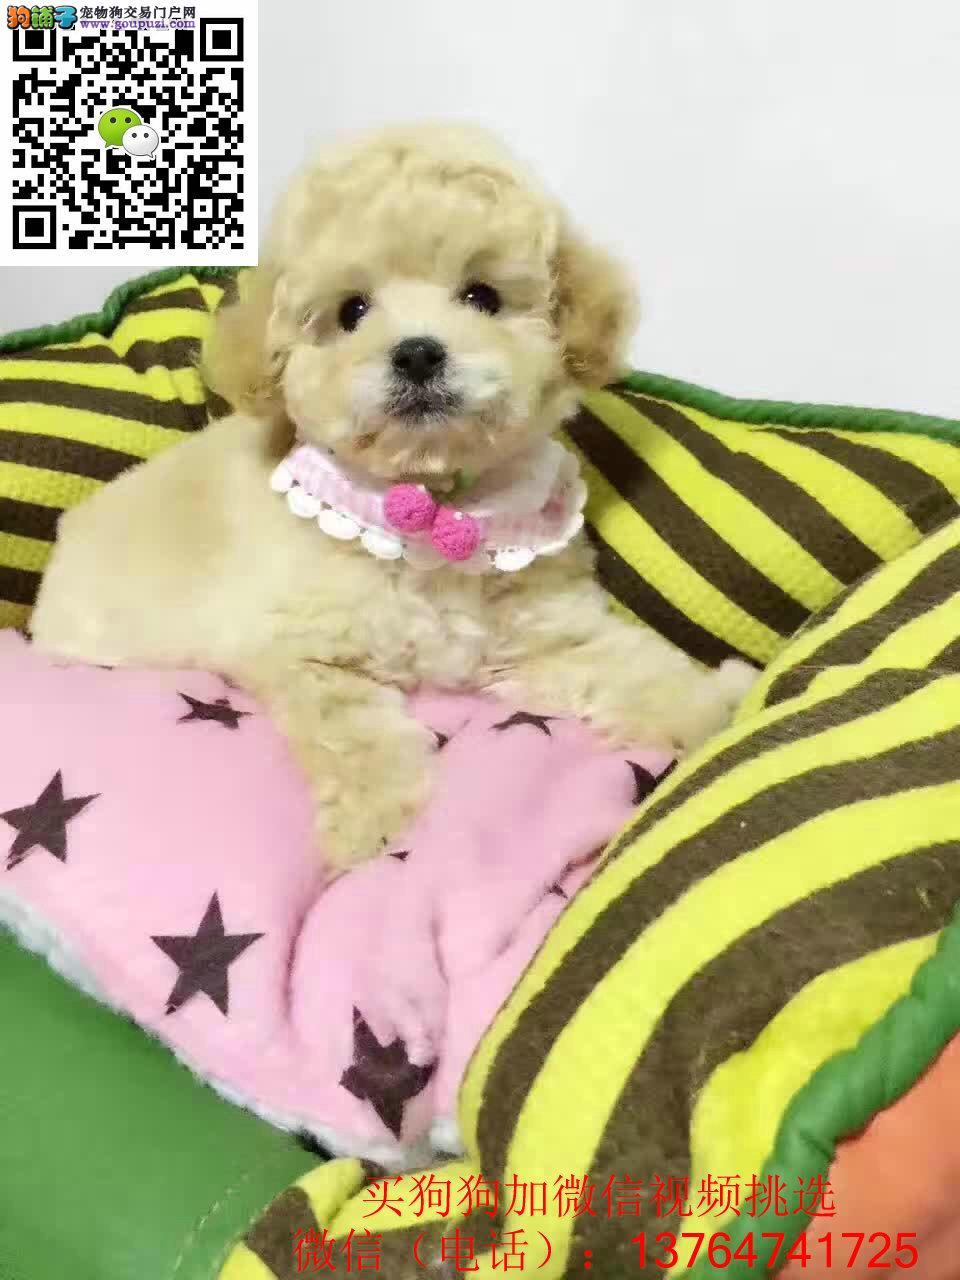 广州茶杯犬出售价格广州哪卖茶杯狗多少钱一只